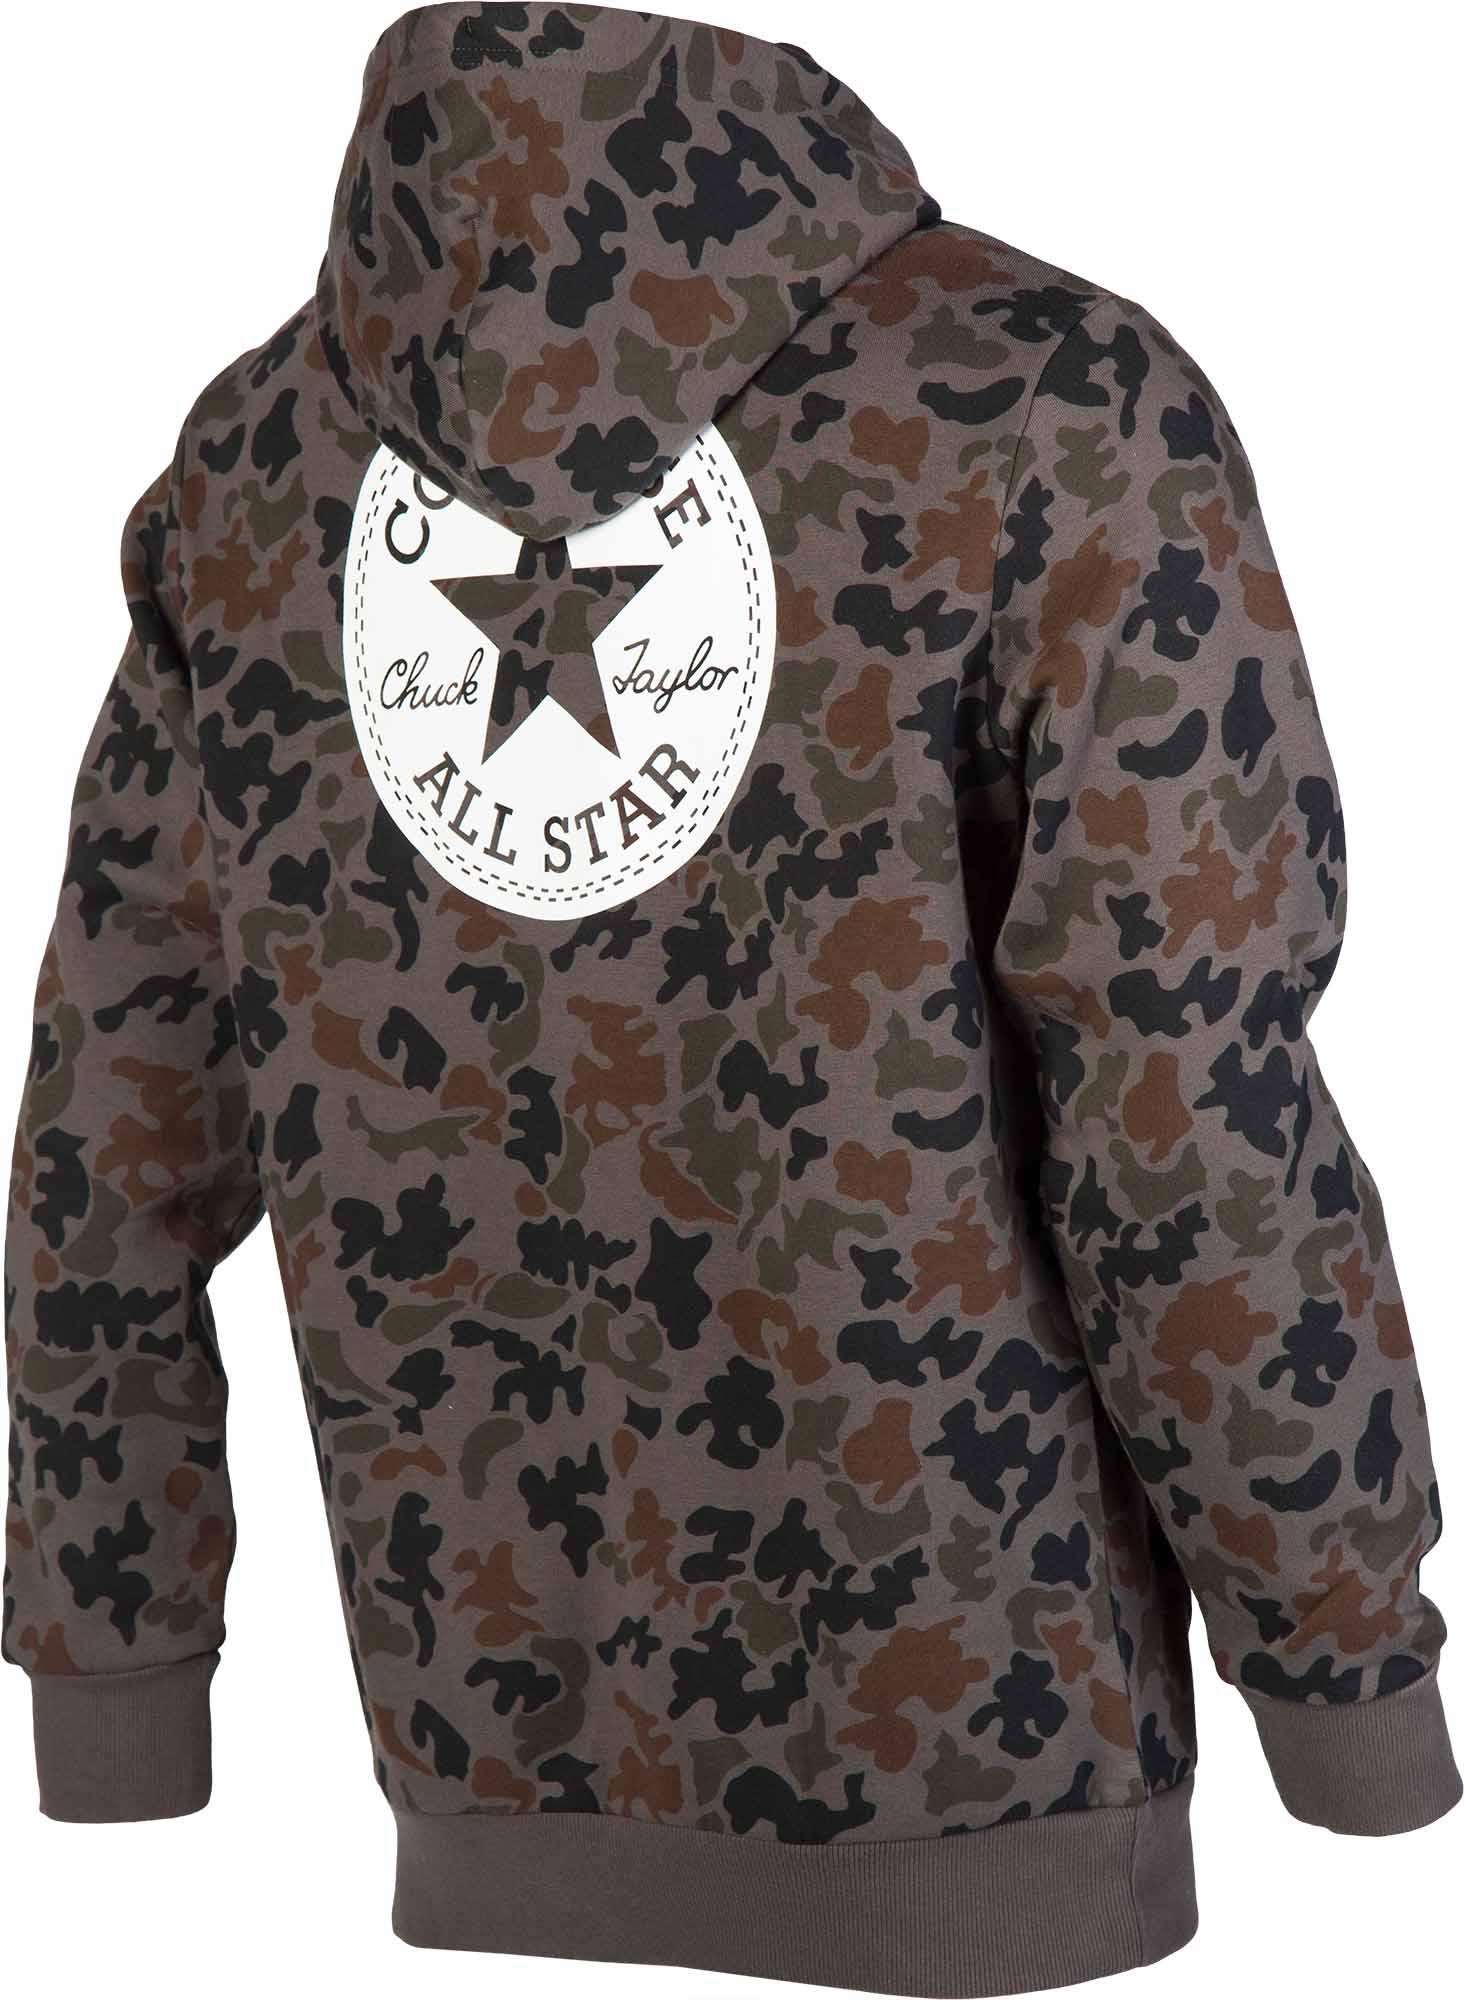 0bea027f0d9c69 Converse CORE CAMO PULLOVER HOODIE. Men s sweatshirt